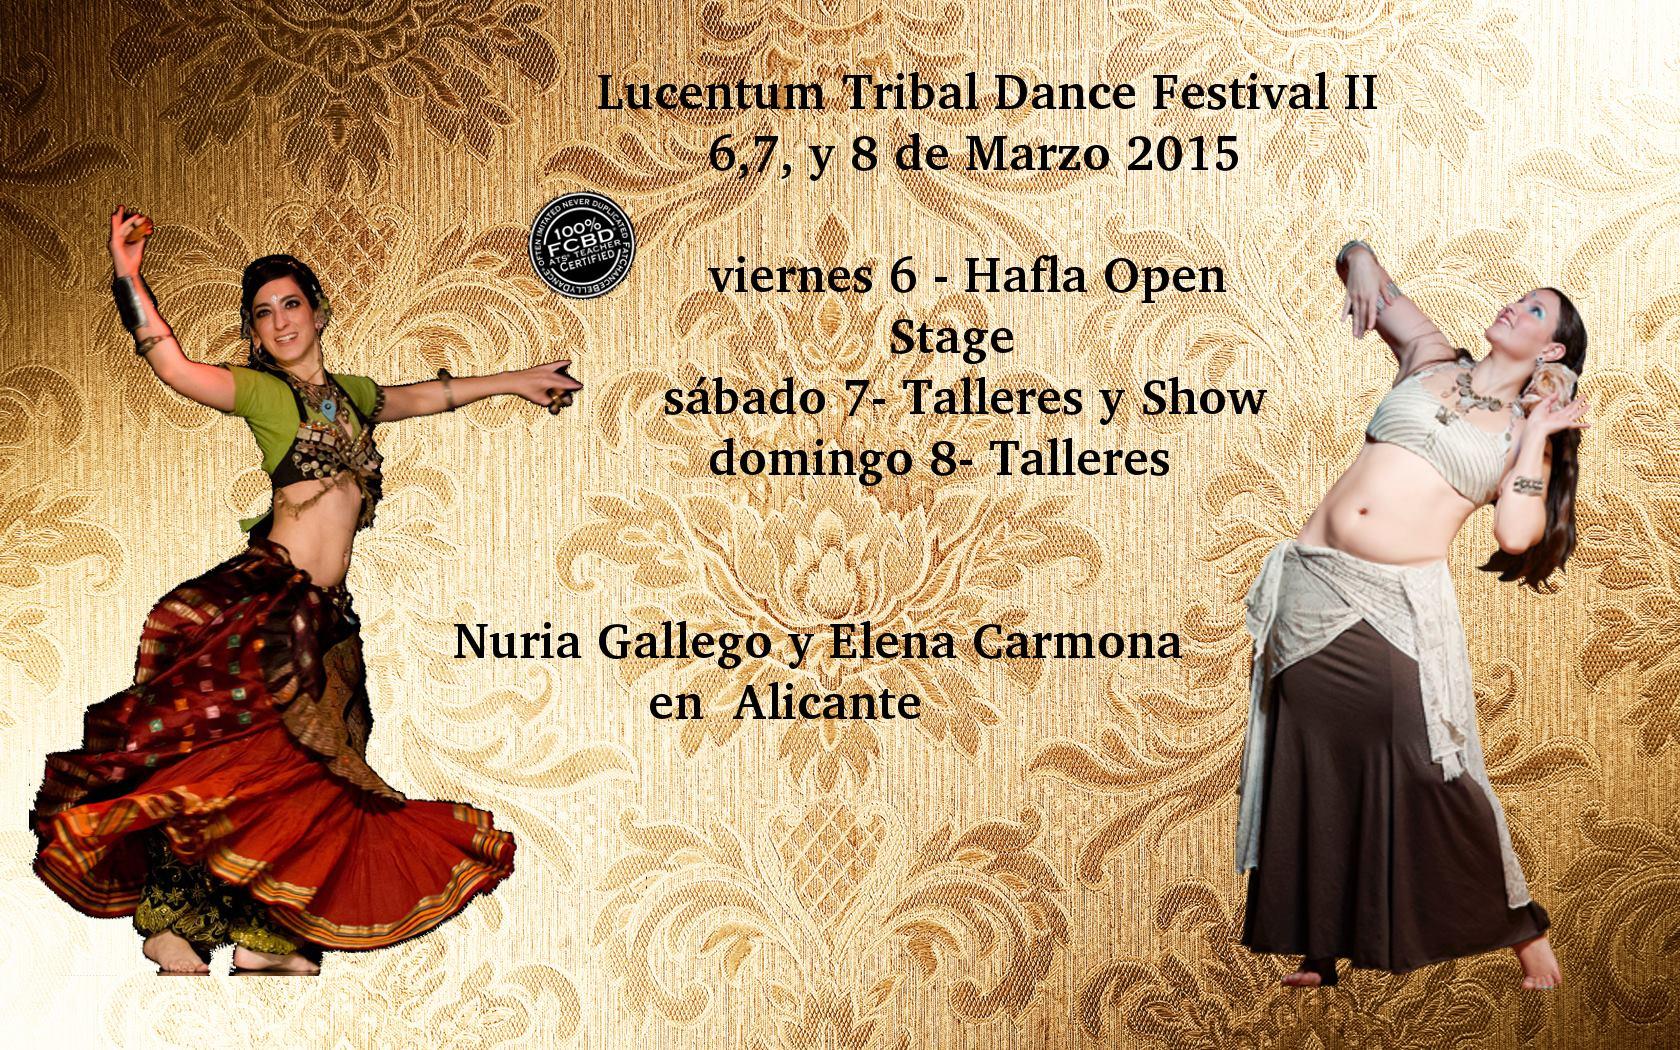 Lucentum Tribal Dance Festival II del 6 al 8 de Marzo de 2015 en Alicante